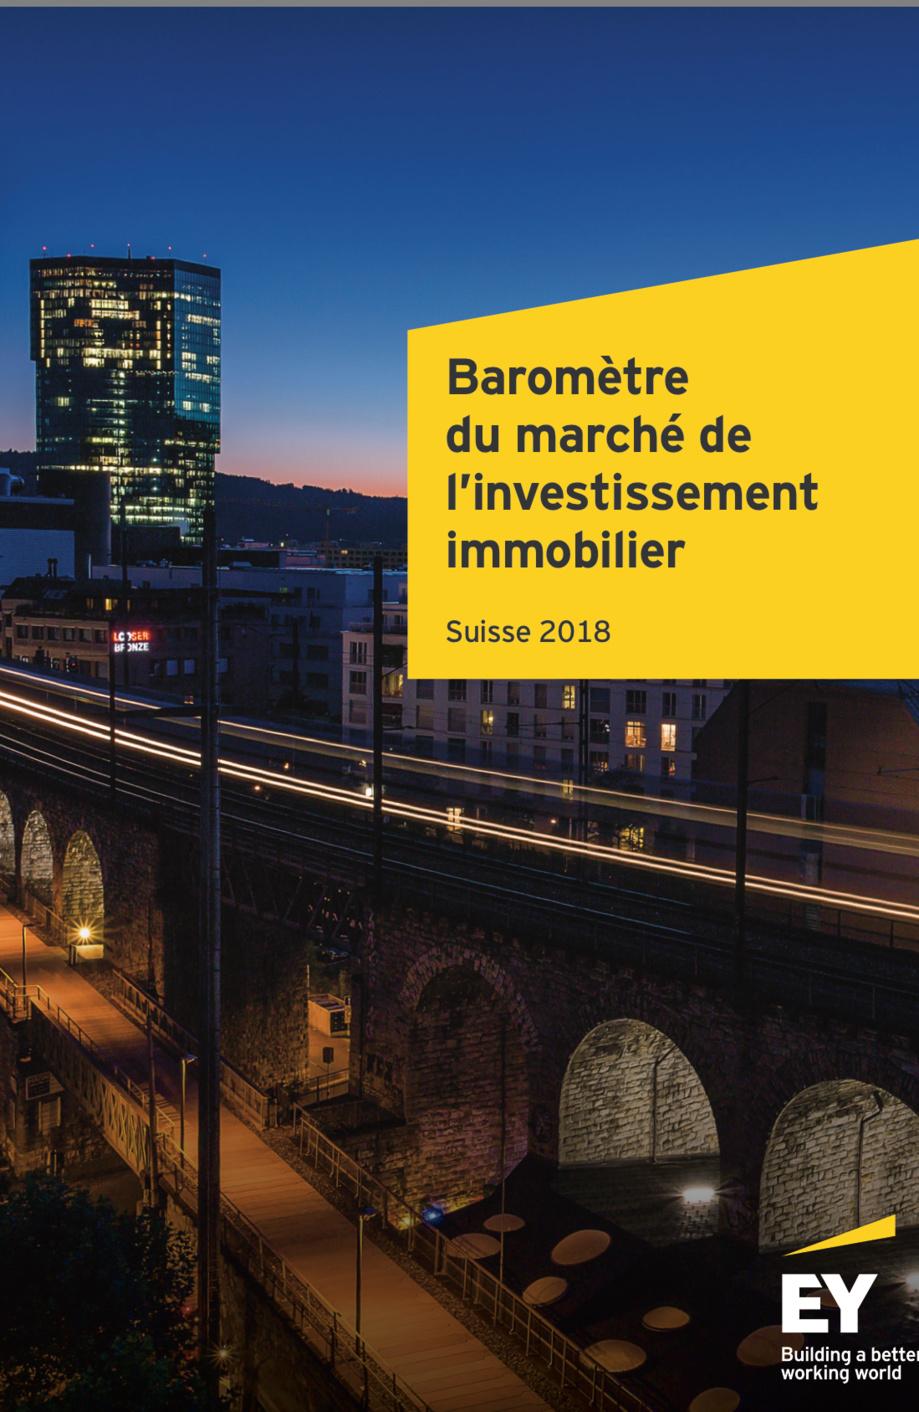 Marchés des placements immobiliers Suisse : une dynamique accrue grâce à une gestion active du portefeuille